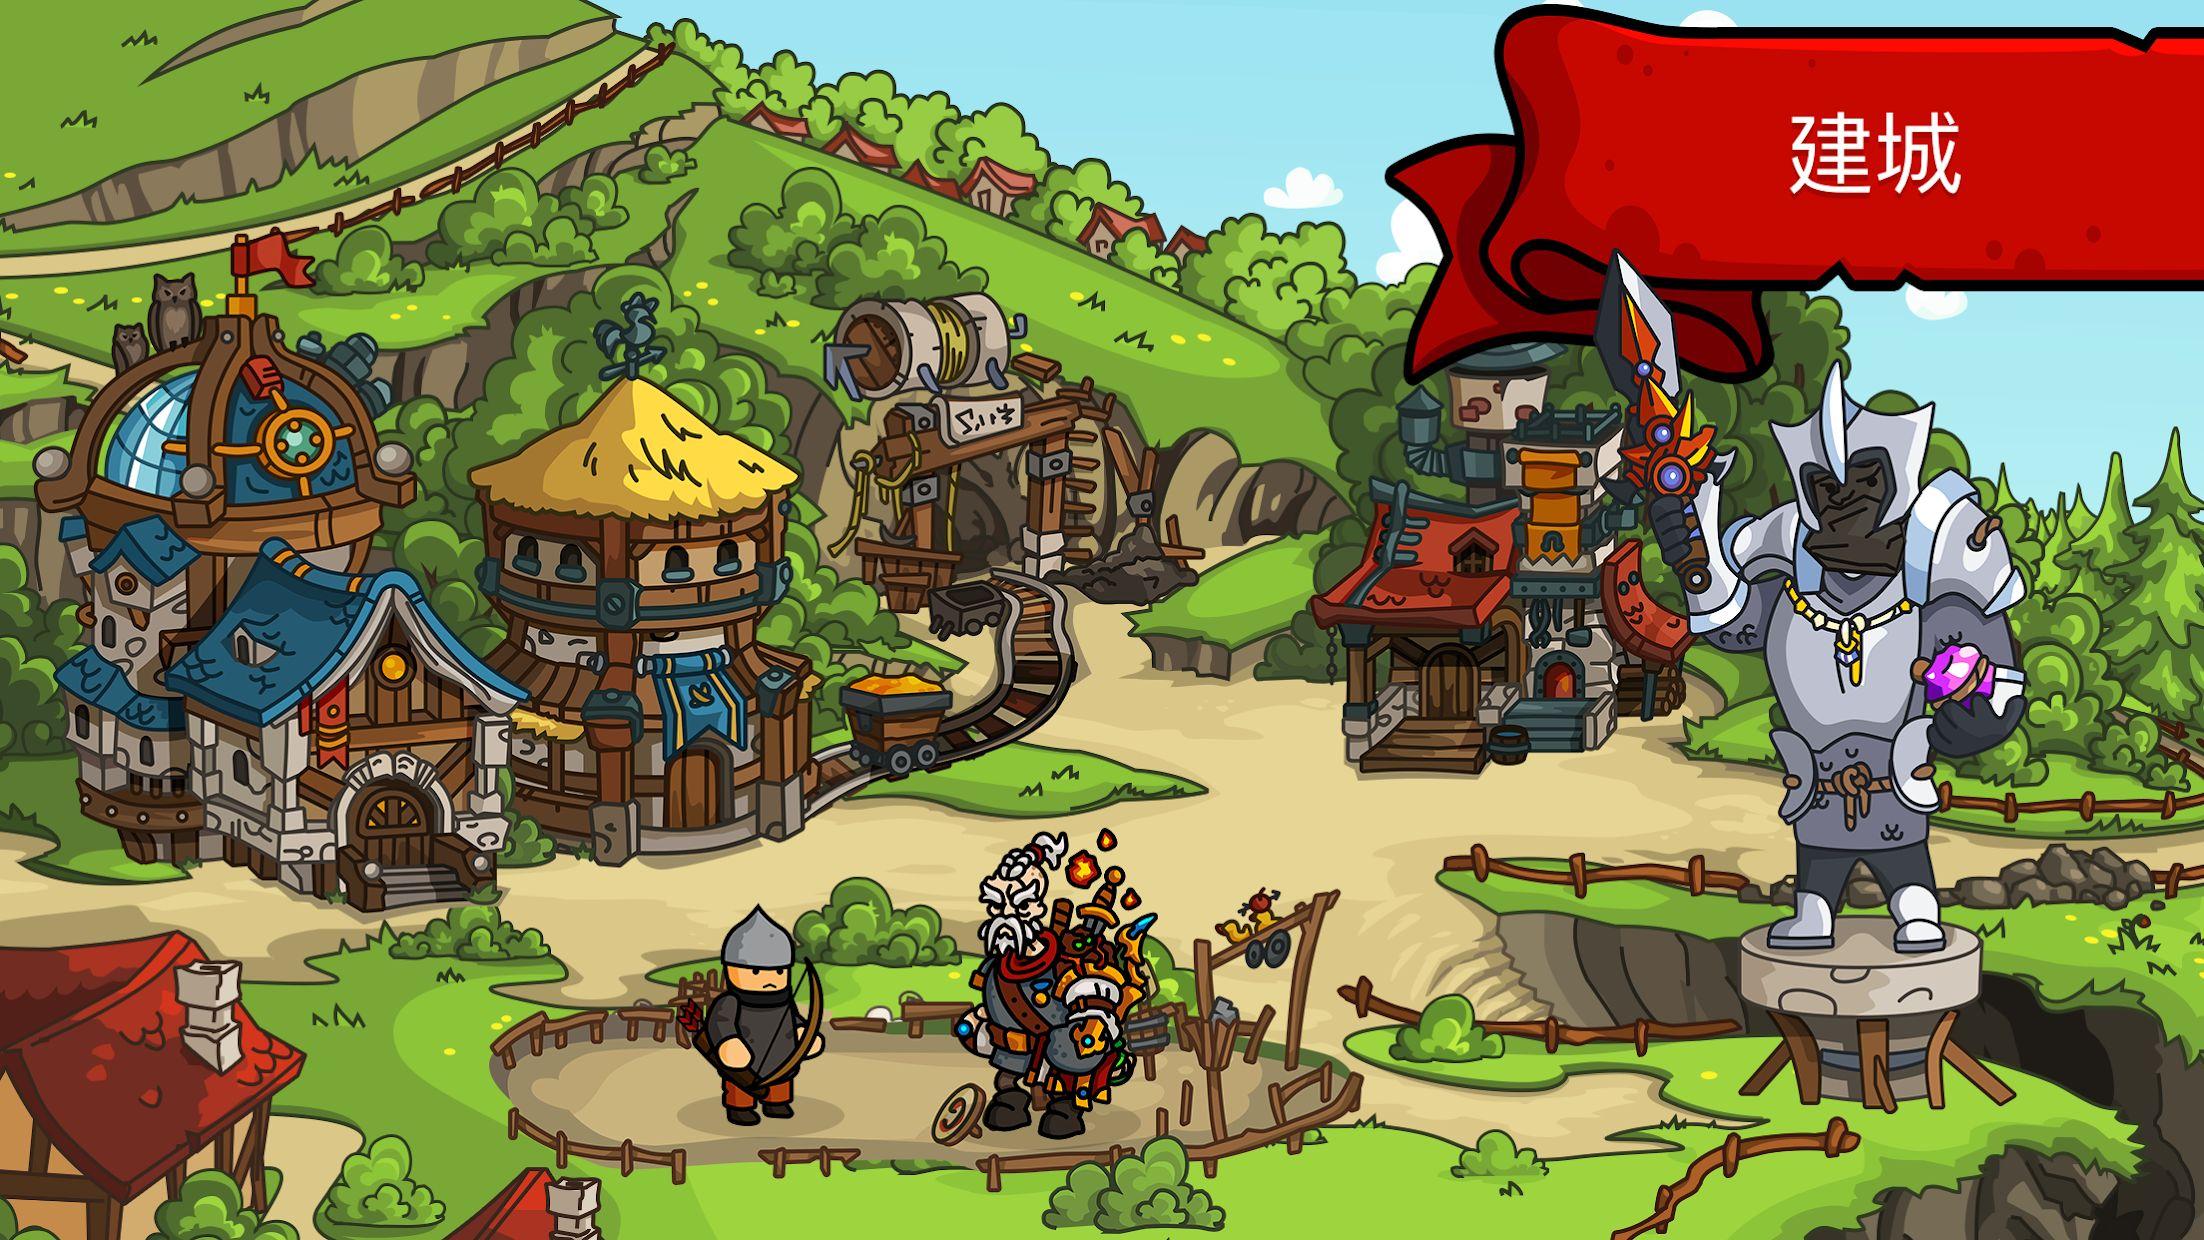 塔楼之境 - 建立帝国 游戏截图4